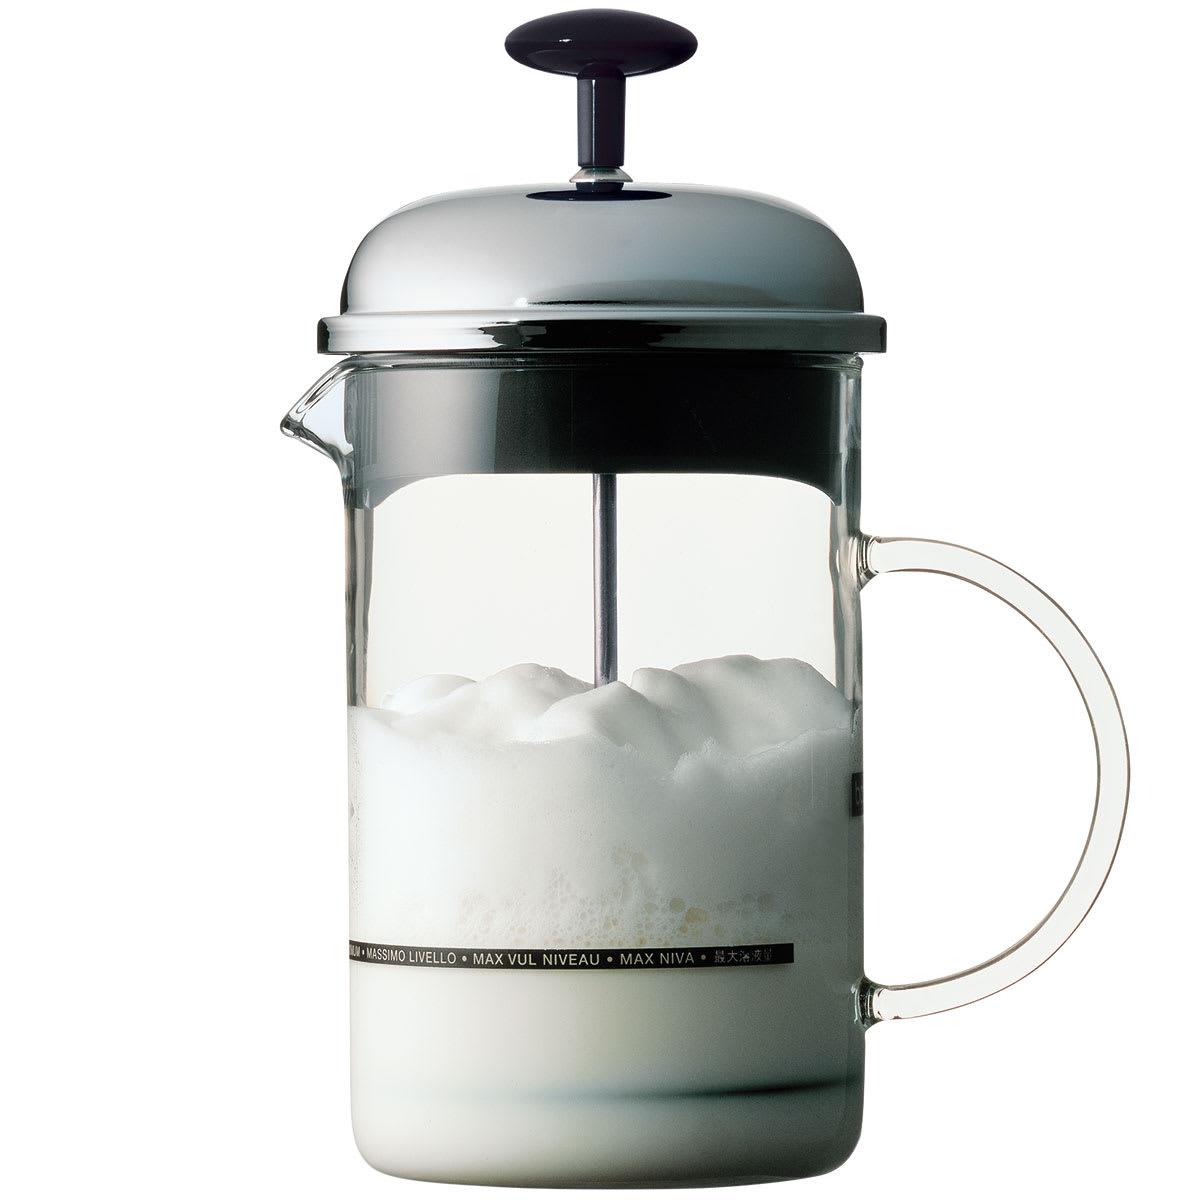 250 ml - Mælkeskum på 30 sekunder